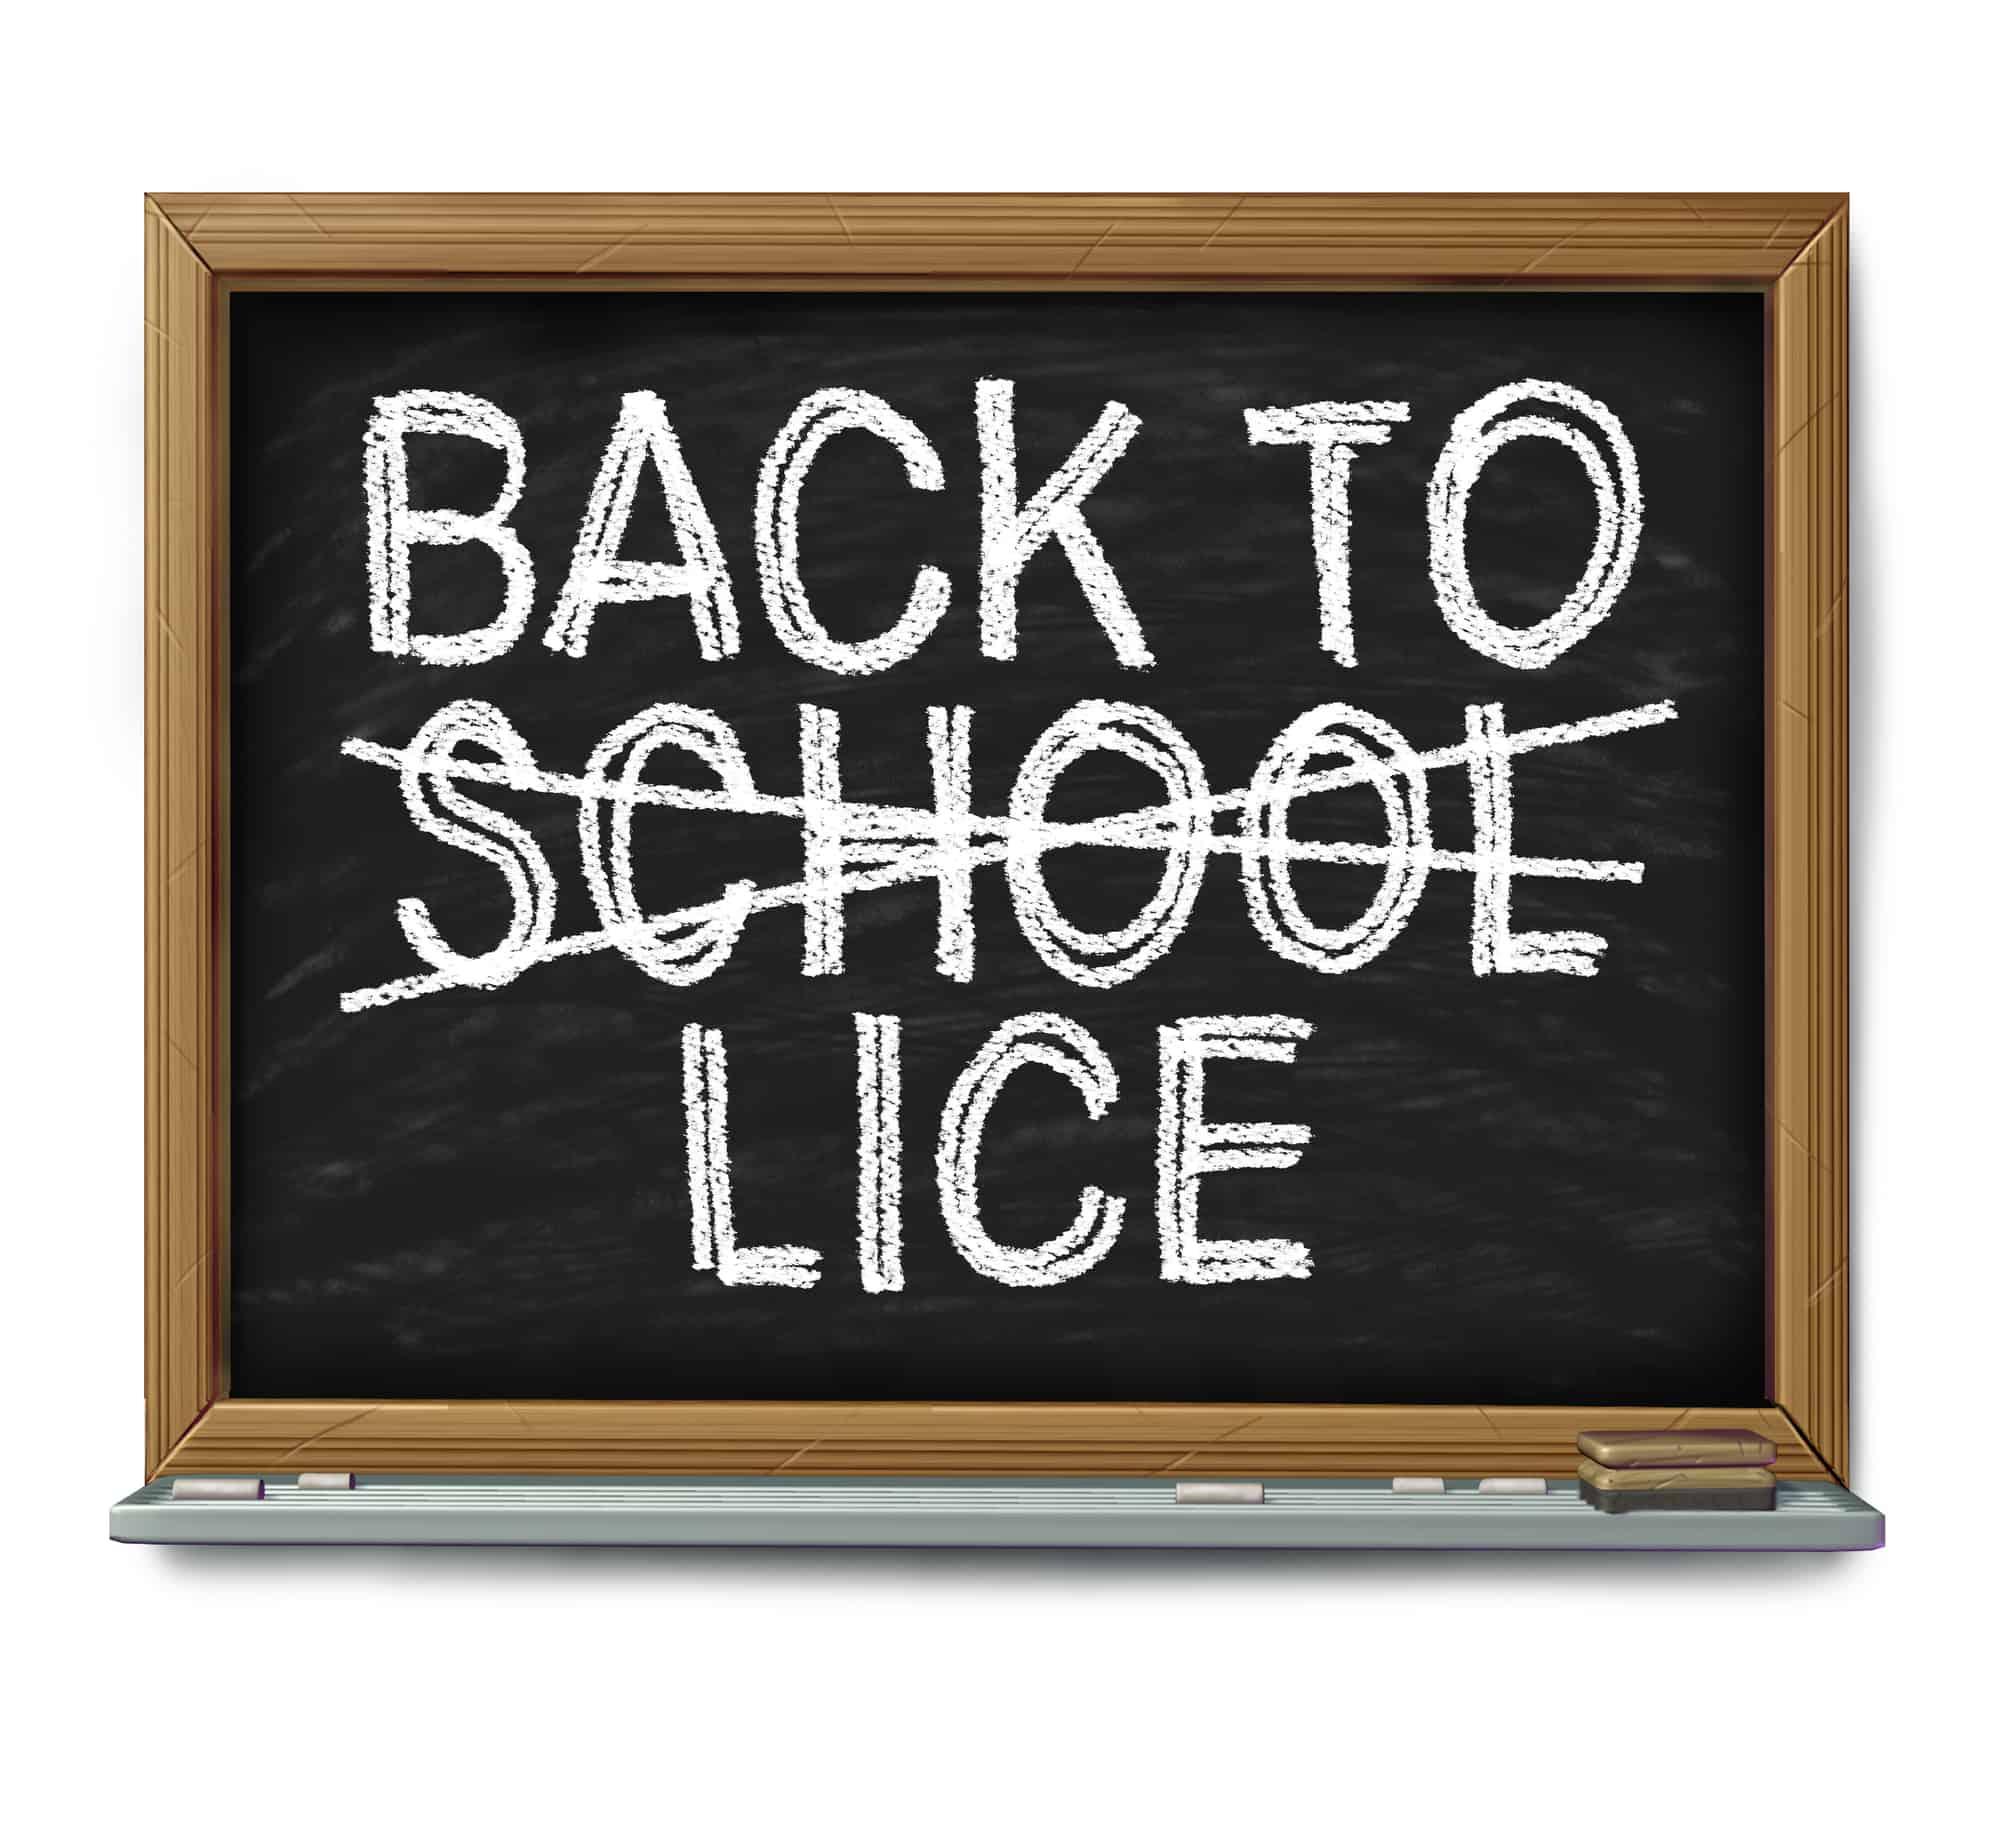 back to school lice written on chalkboard